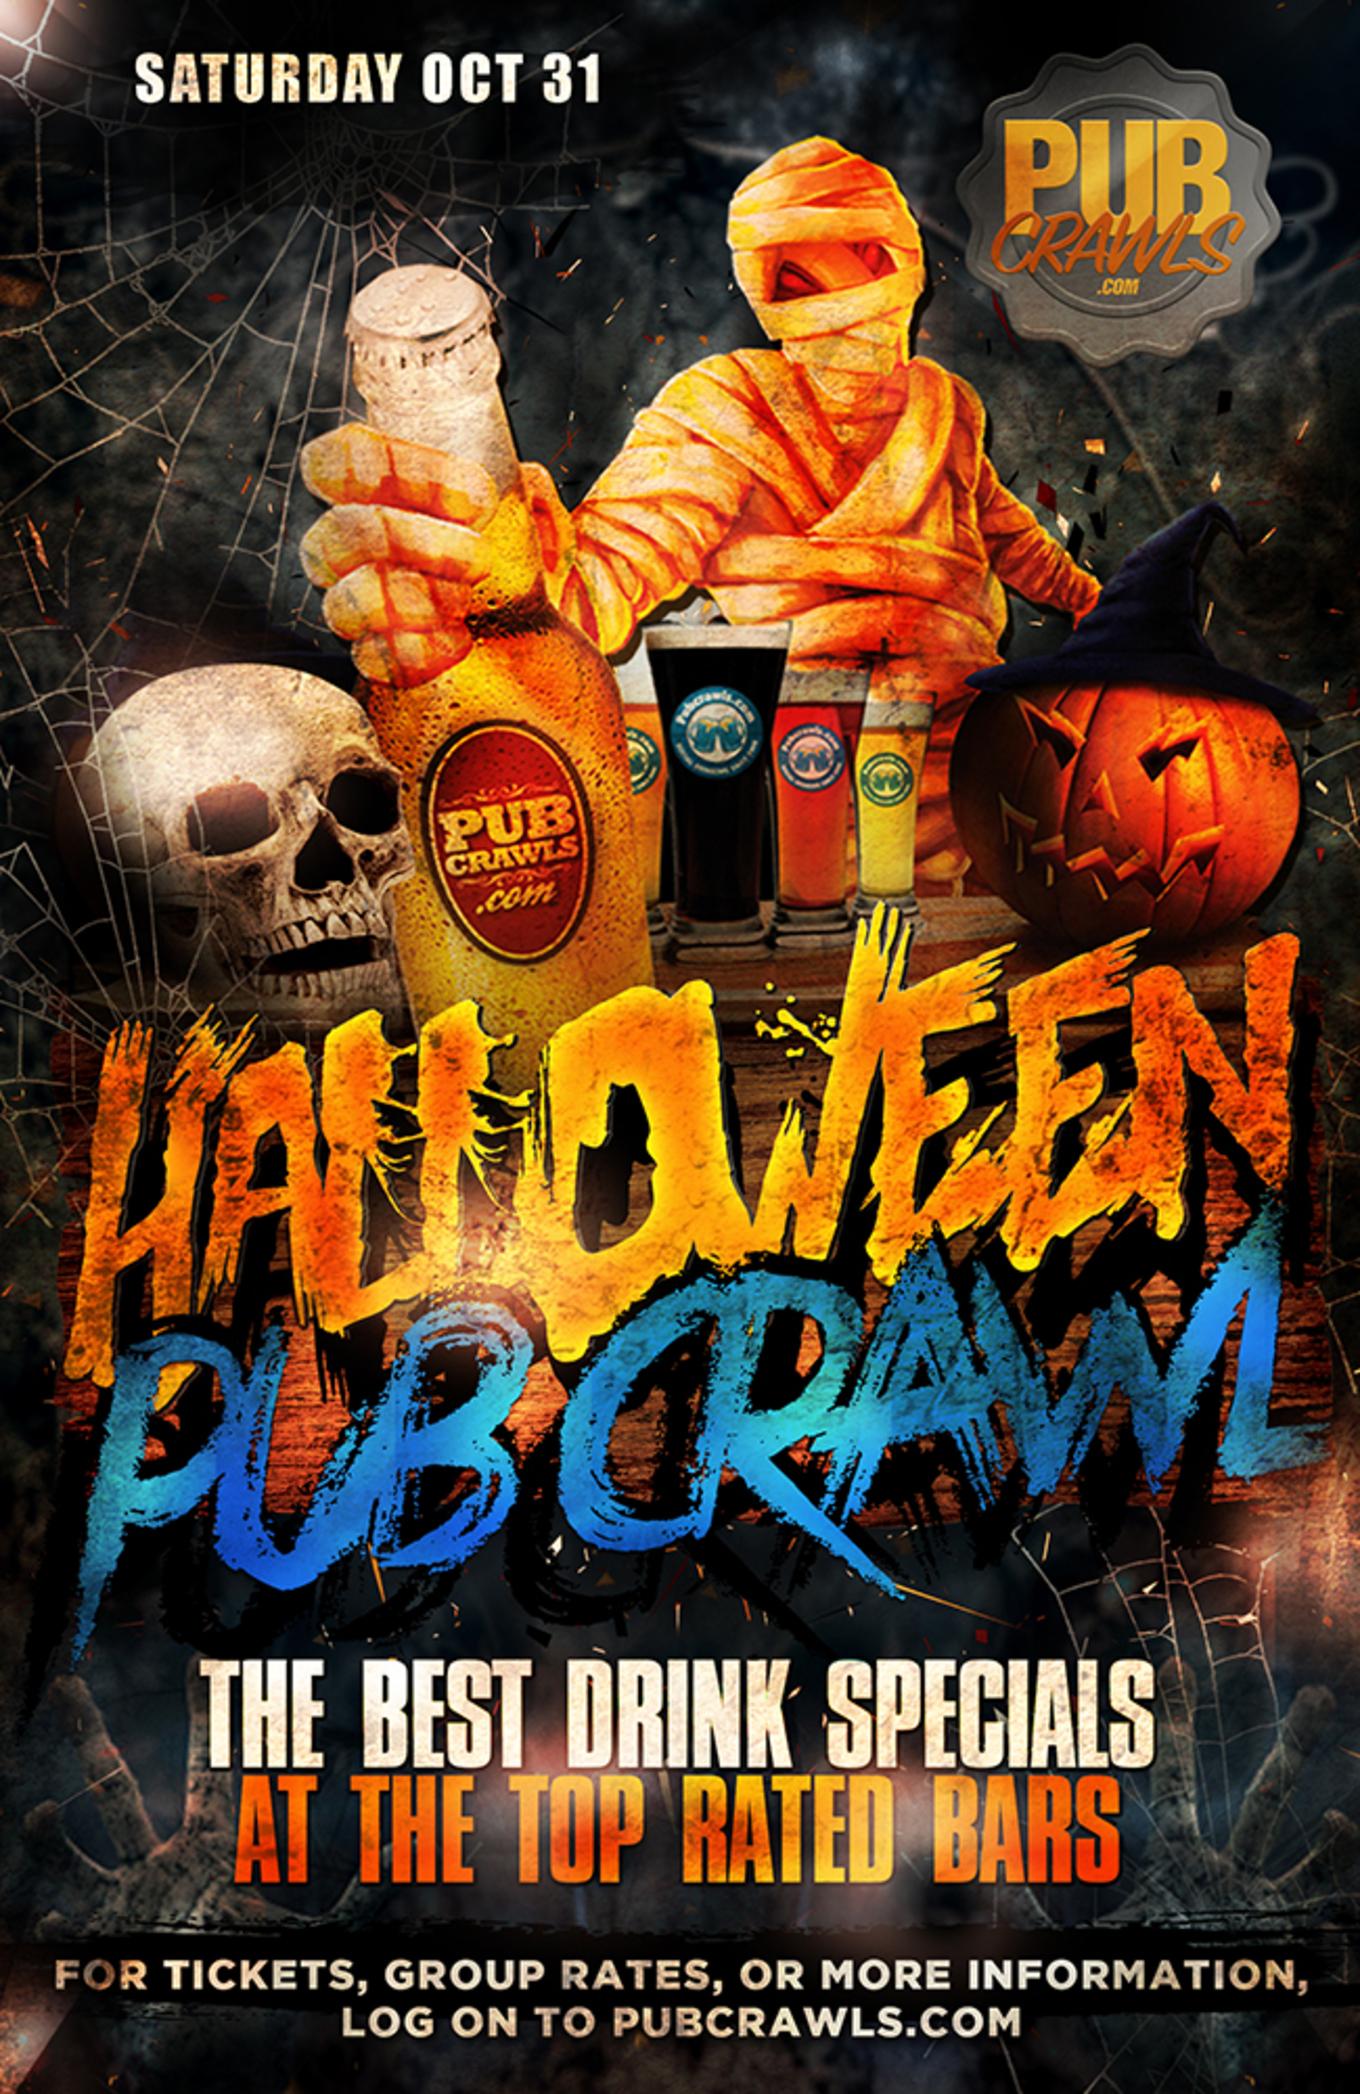 Tallahassee Halloween Events 2020 Tallahassee Halloween Weekend Bar Crawl   Tickets   Tallahassee